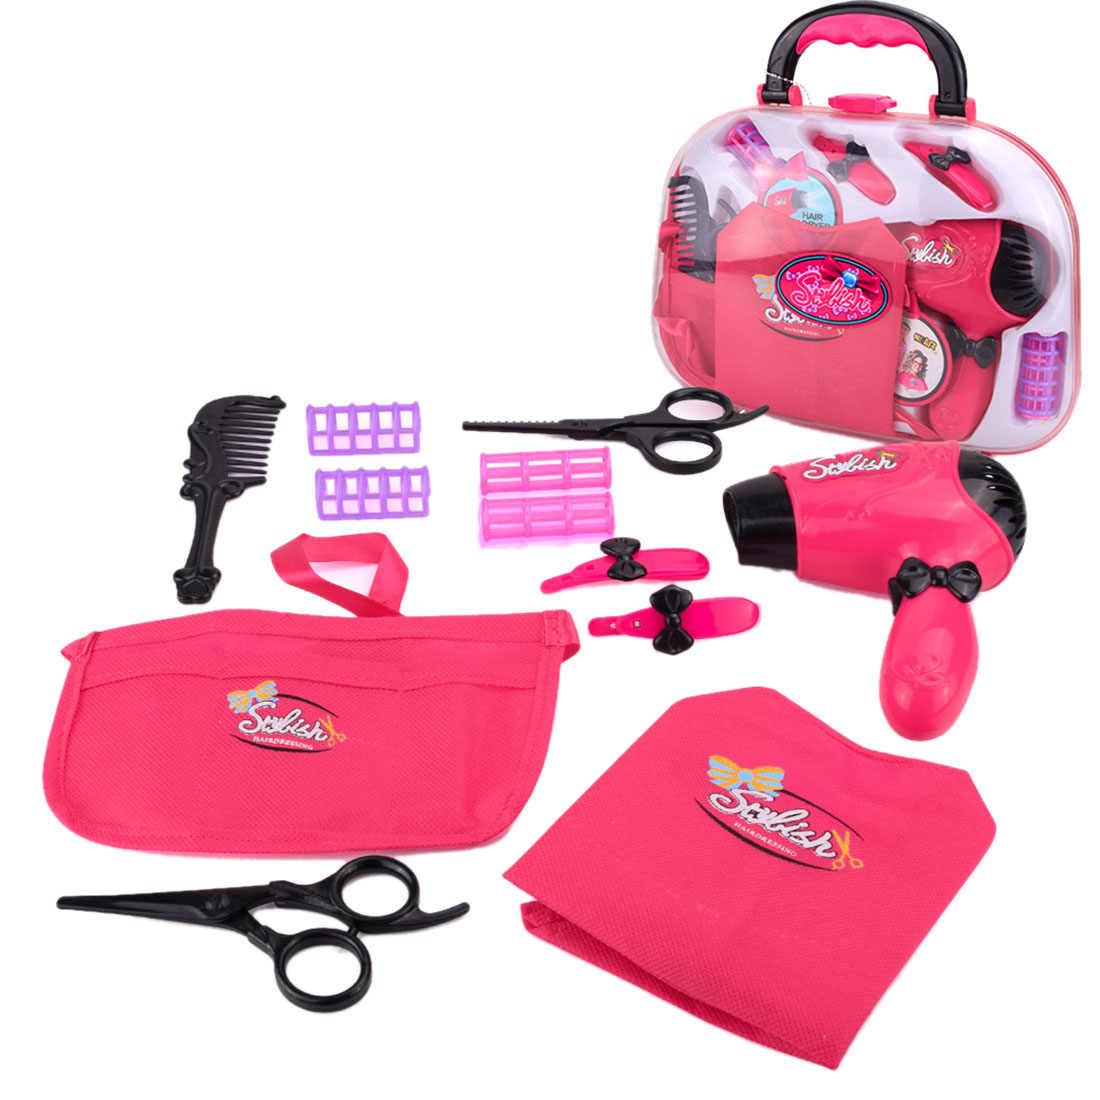 11 шт. ролевые и игровые игрушки, эмульсионная Парикмахерская электрическая сушилка для волос, набор для макияжа, игрушки для девочек, новинка